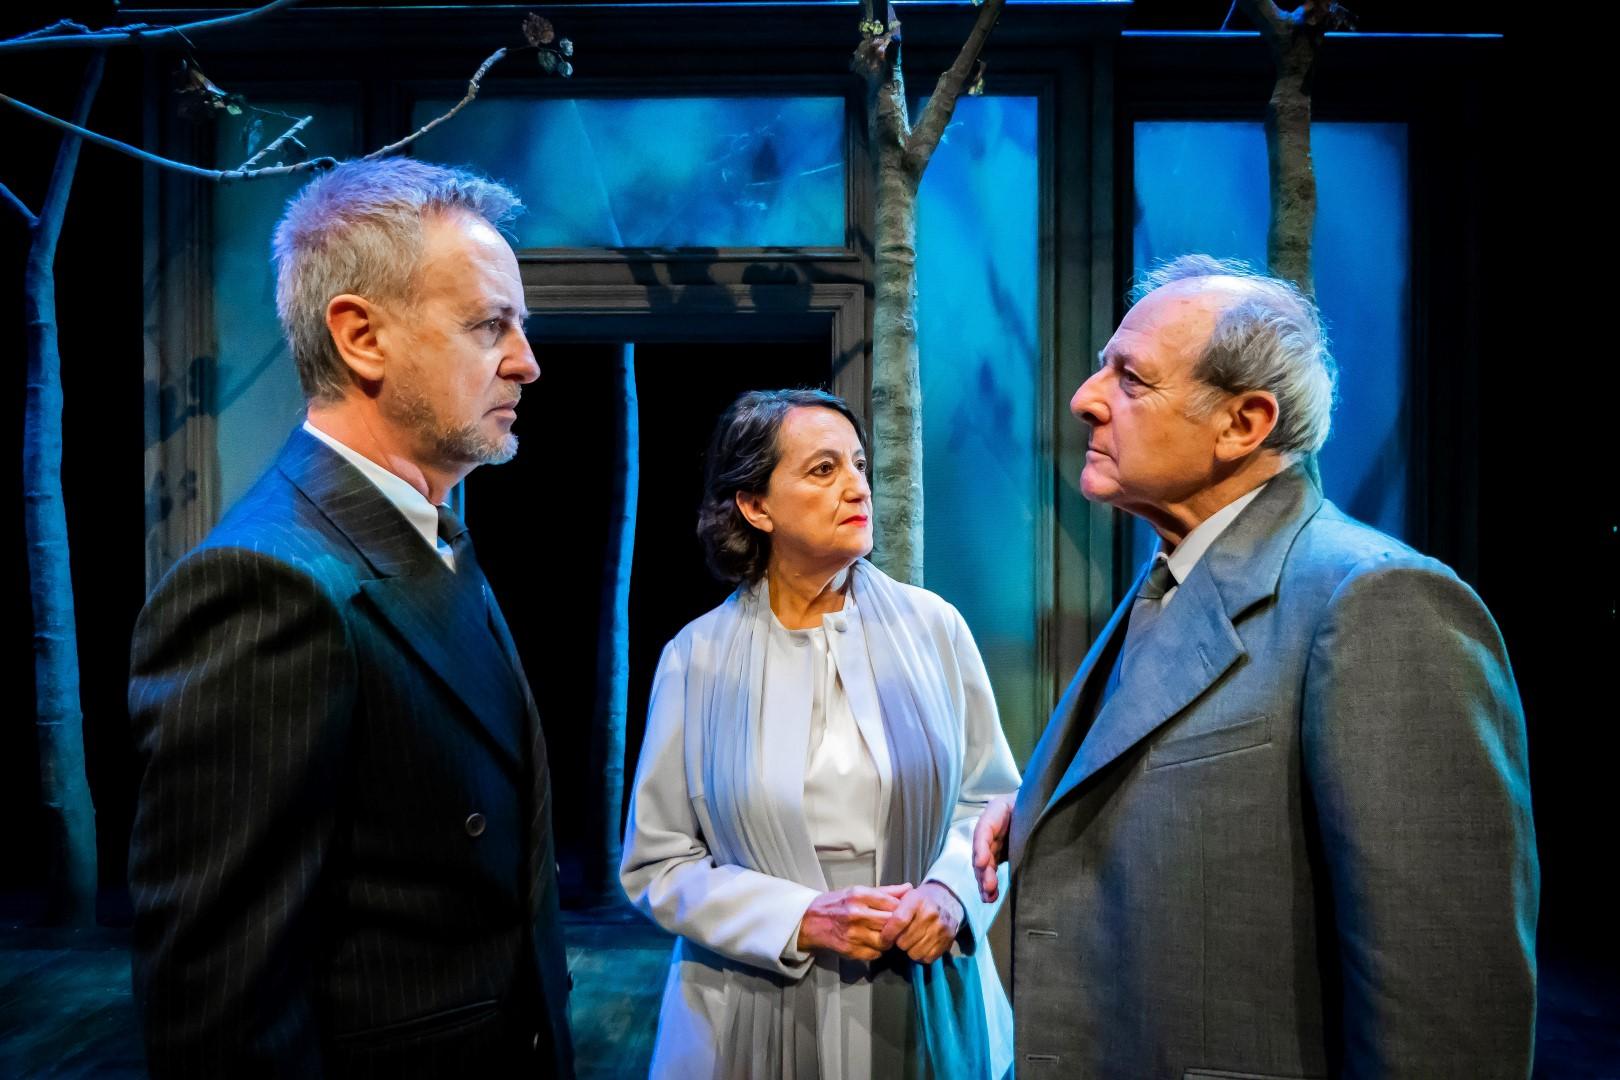 Emilio Gutiérrez Caba y Carlos Hipólito protagonizan Copenhague en el Teatro Cervantes de Málaga